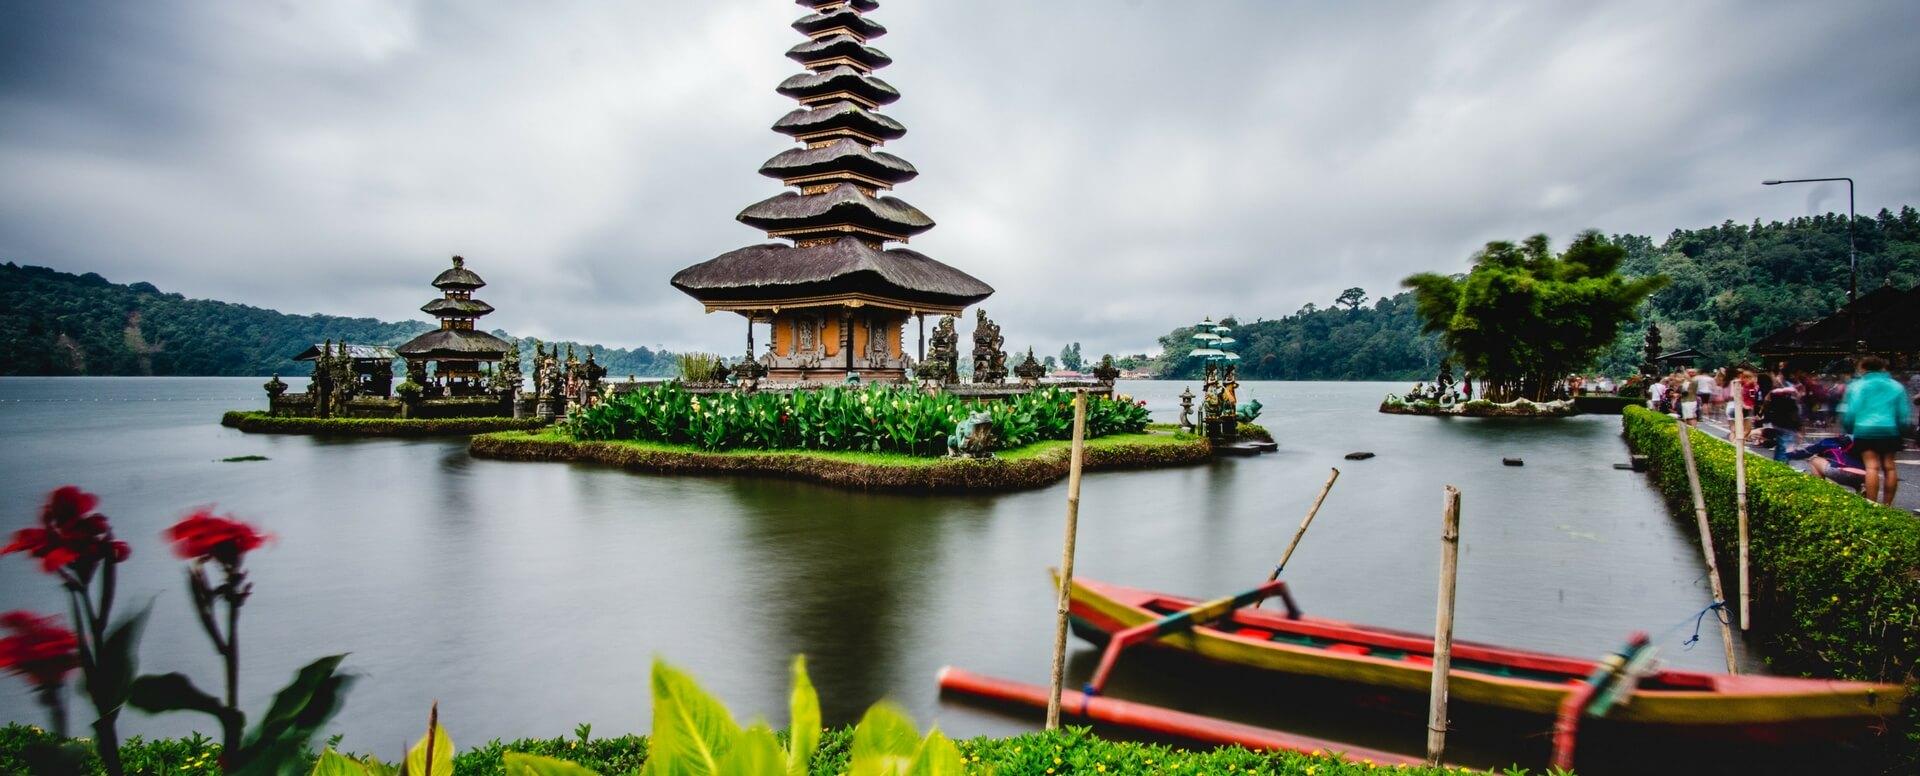 Cap vers une île chargée d'histoire - Bali